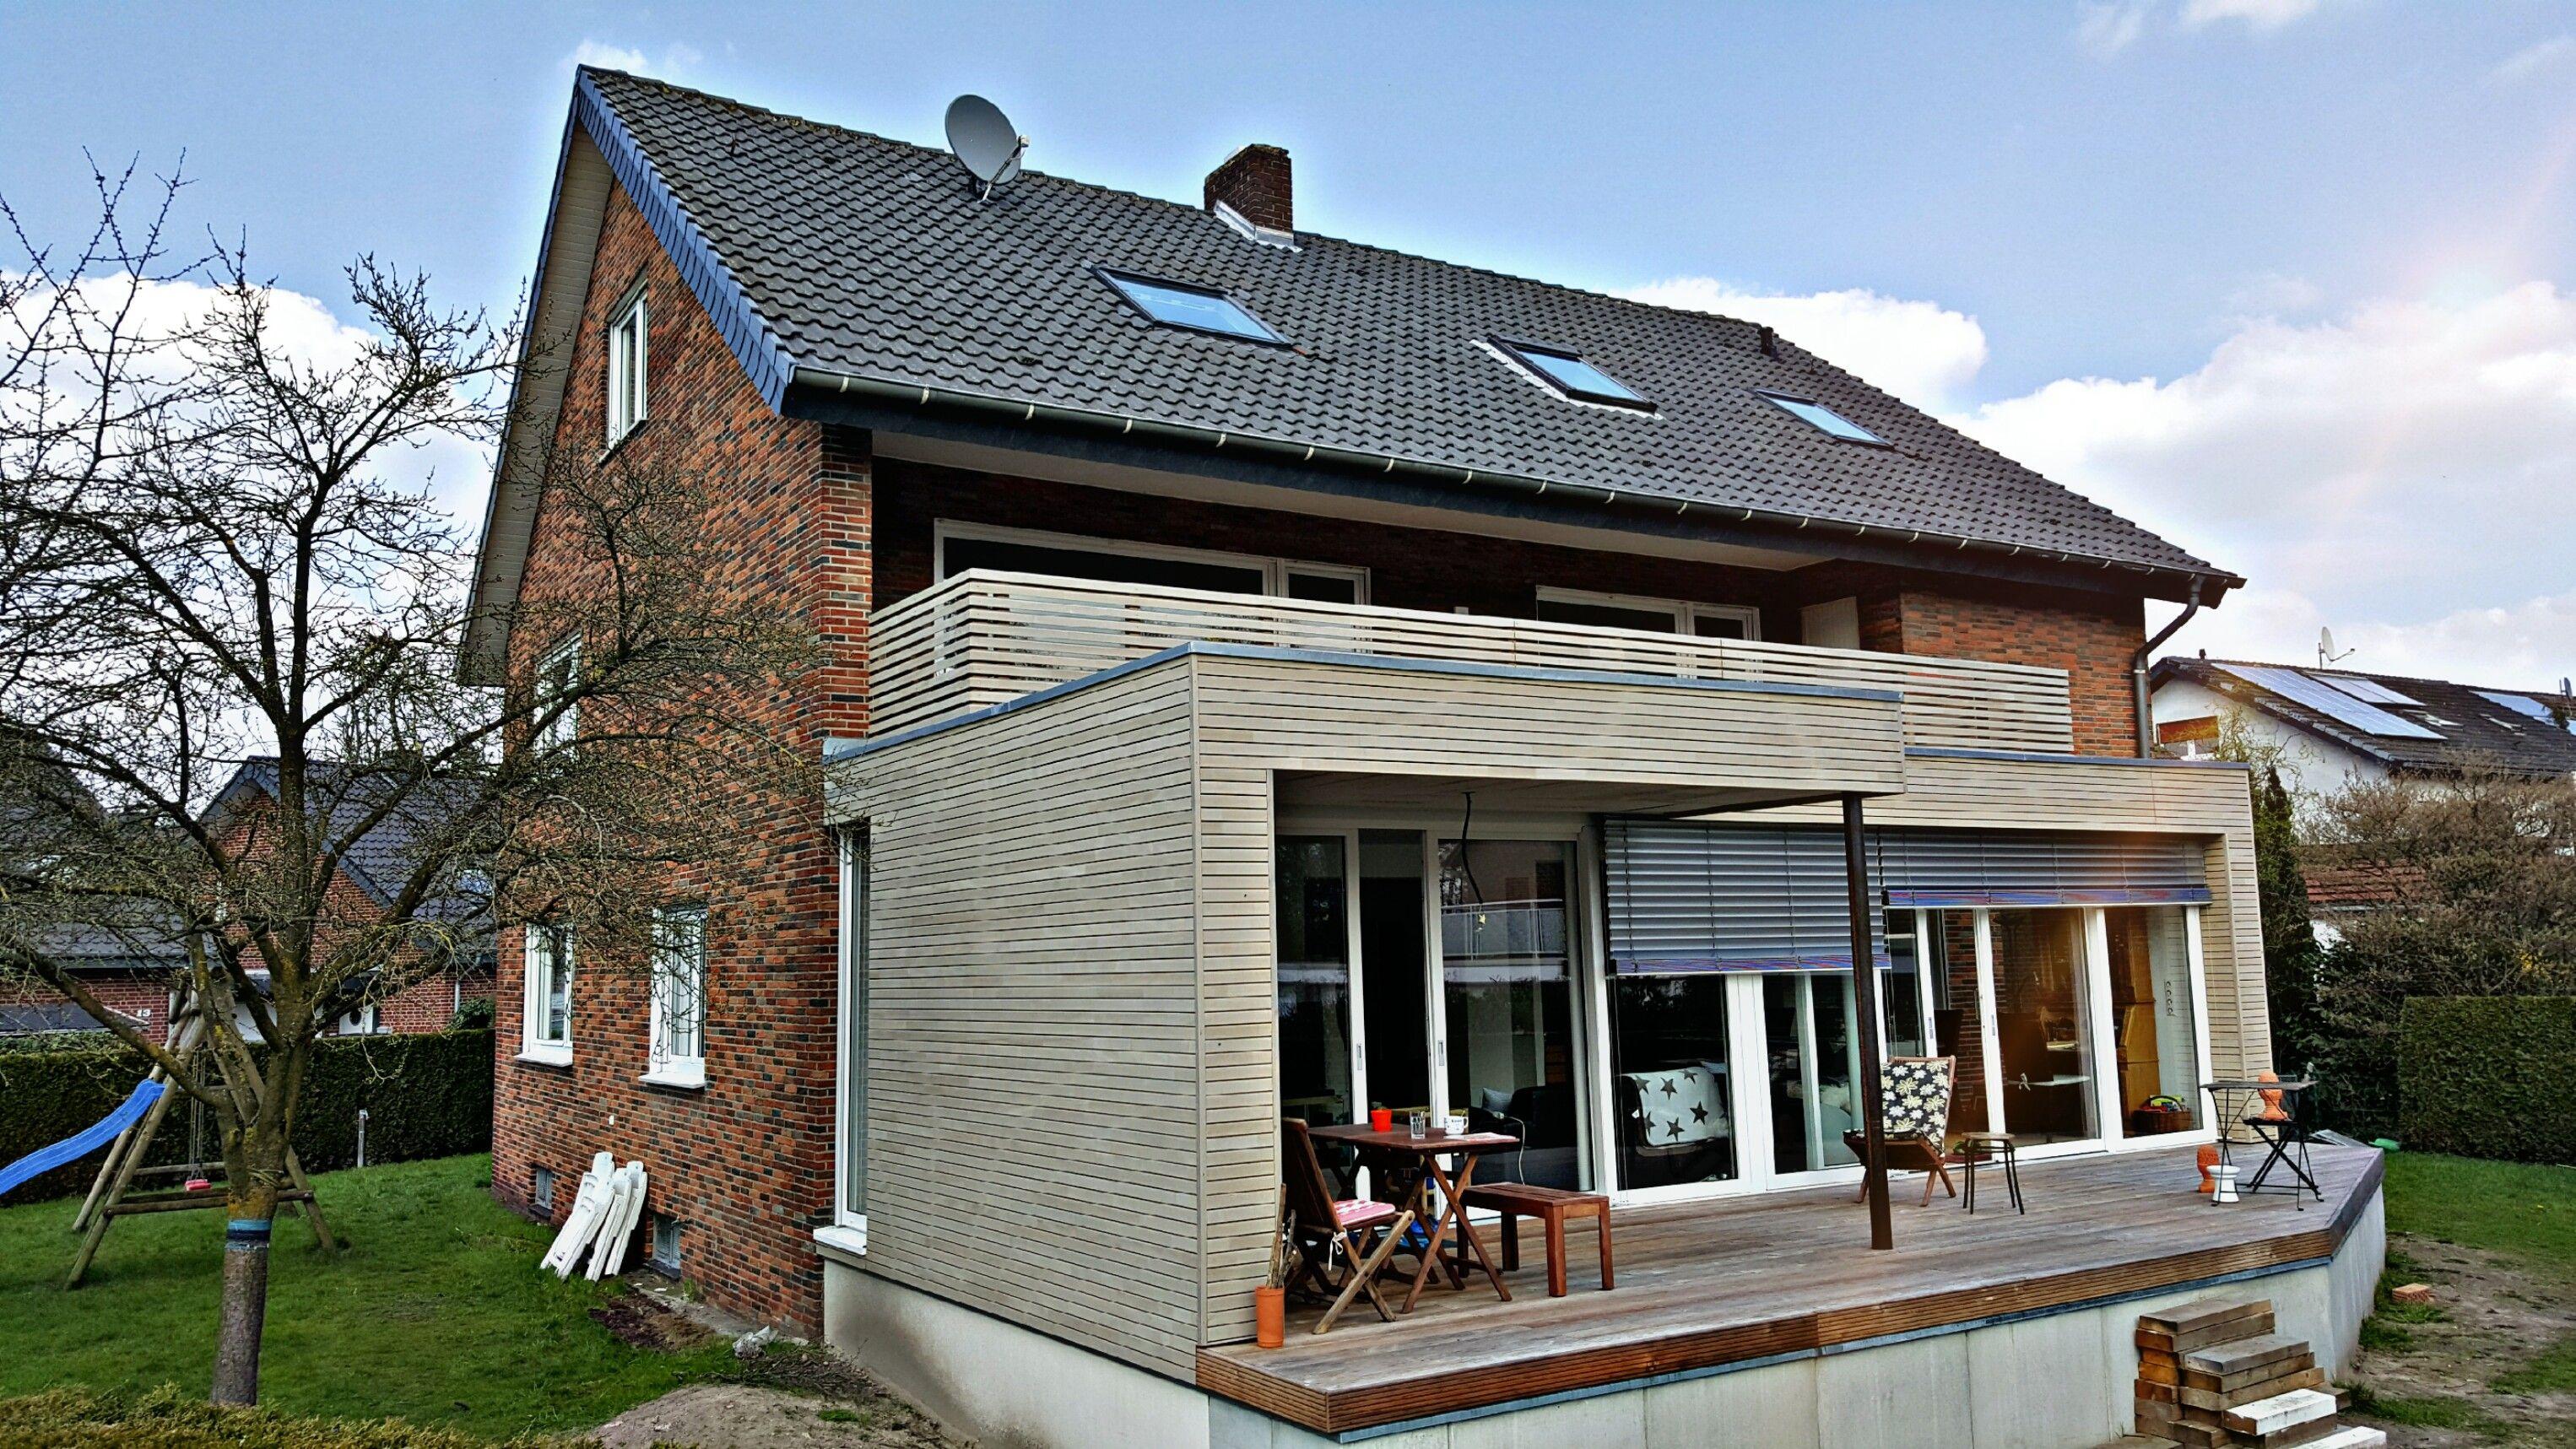 Anbau Im Holzrahmenbau Mit Einer Rhombus Holz Verkleidung 🏠 #mehrplatz  #holzrahmenbau #zimmermann #zimmerei #carpenter #zepteam #bielefeld